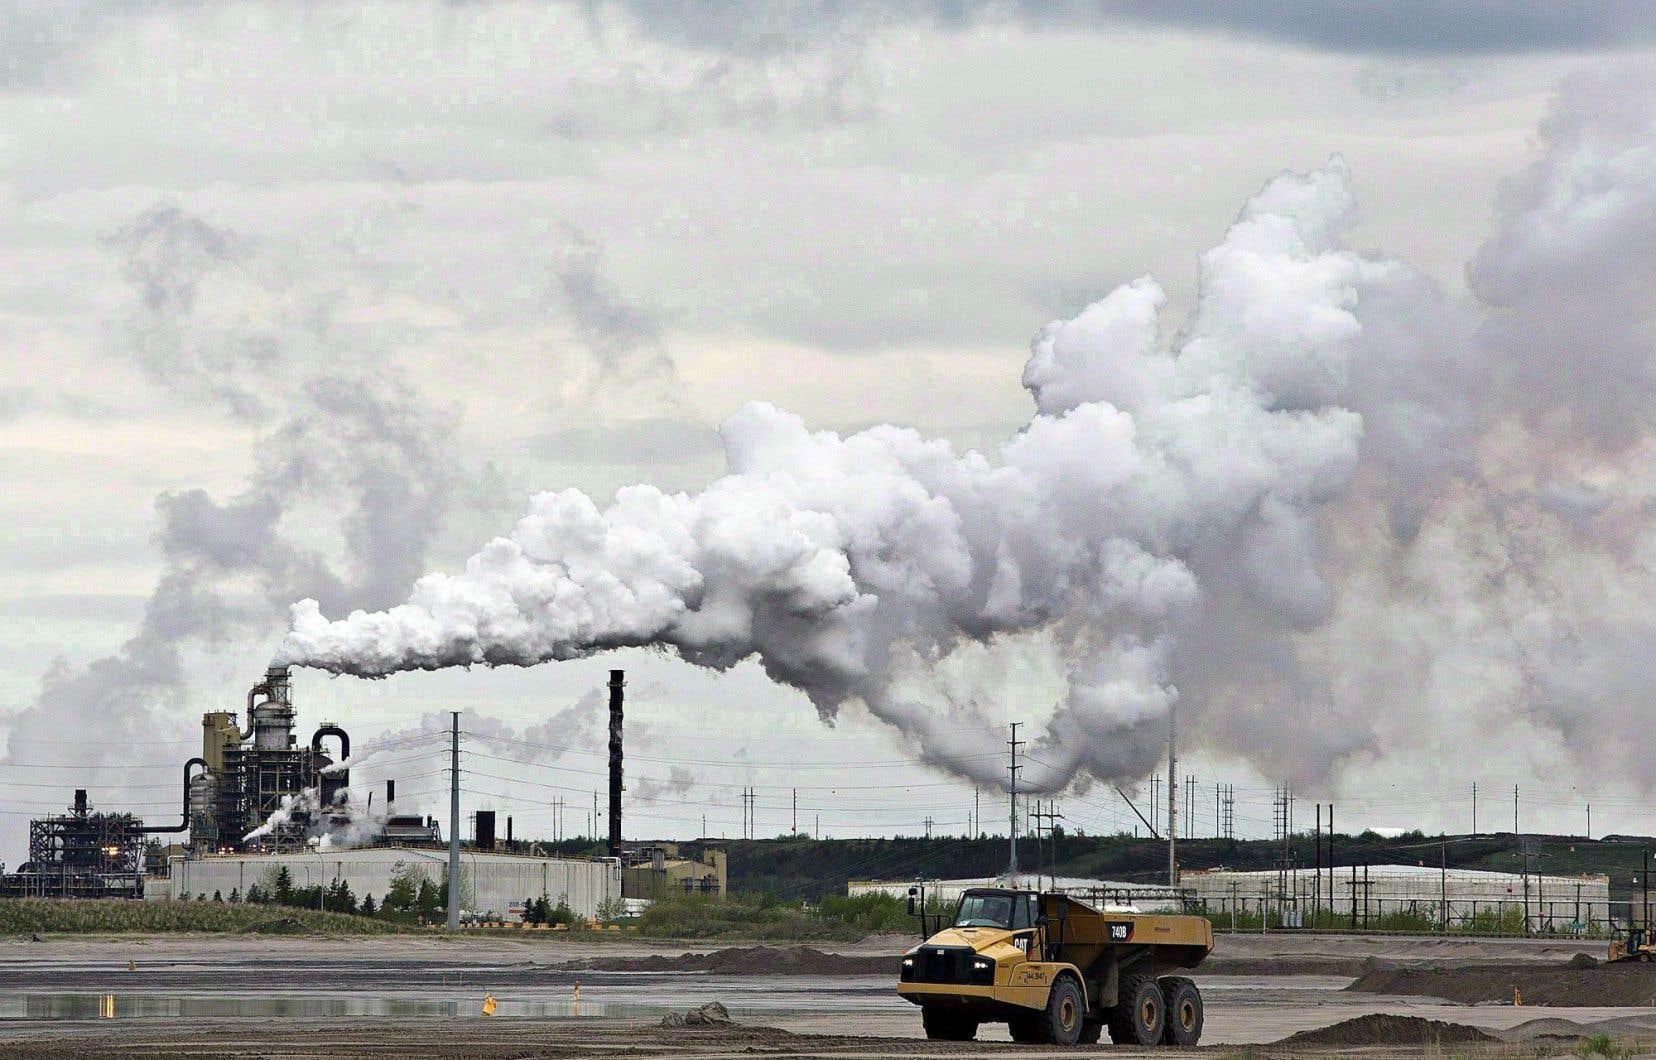 Les exportations de pétrole brut et de bitume ont progressé malgré les incendies de forêt dans la région de Fort McMurray.